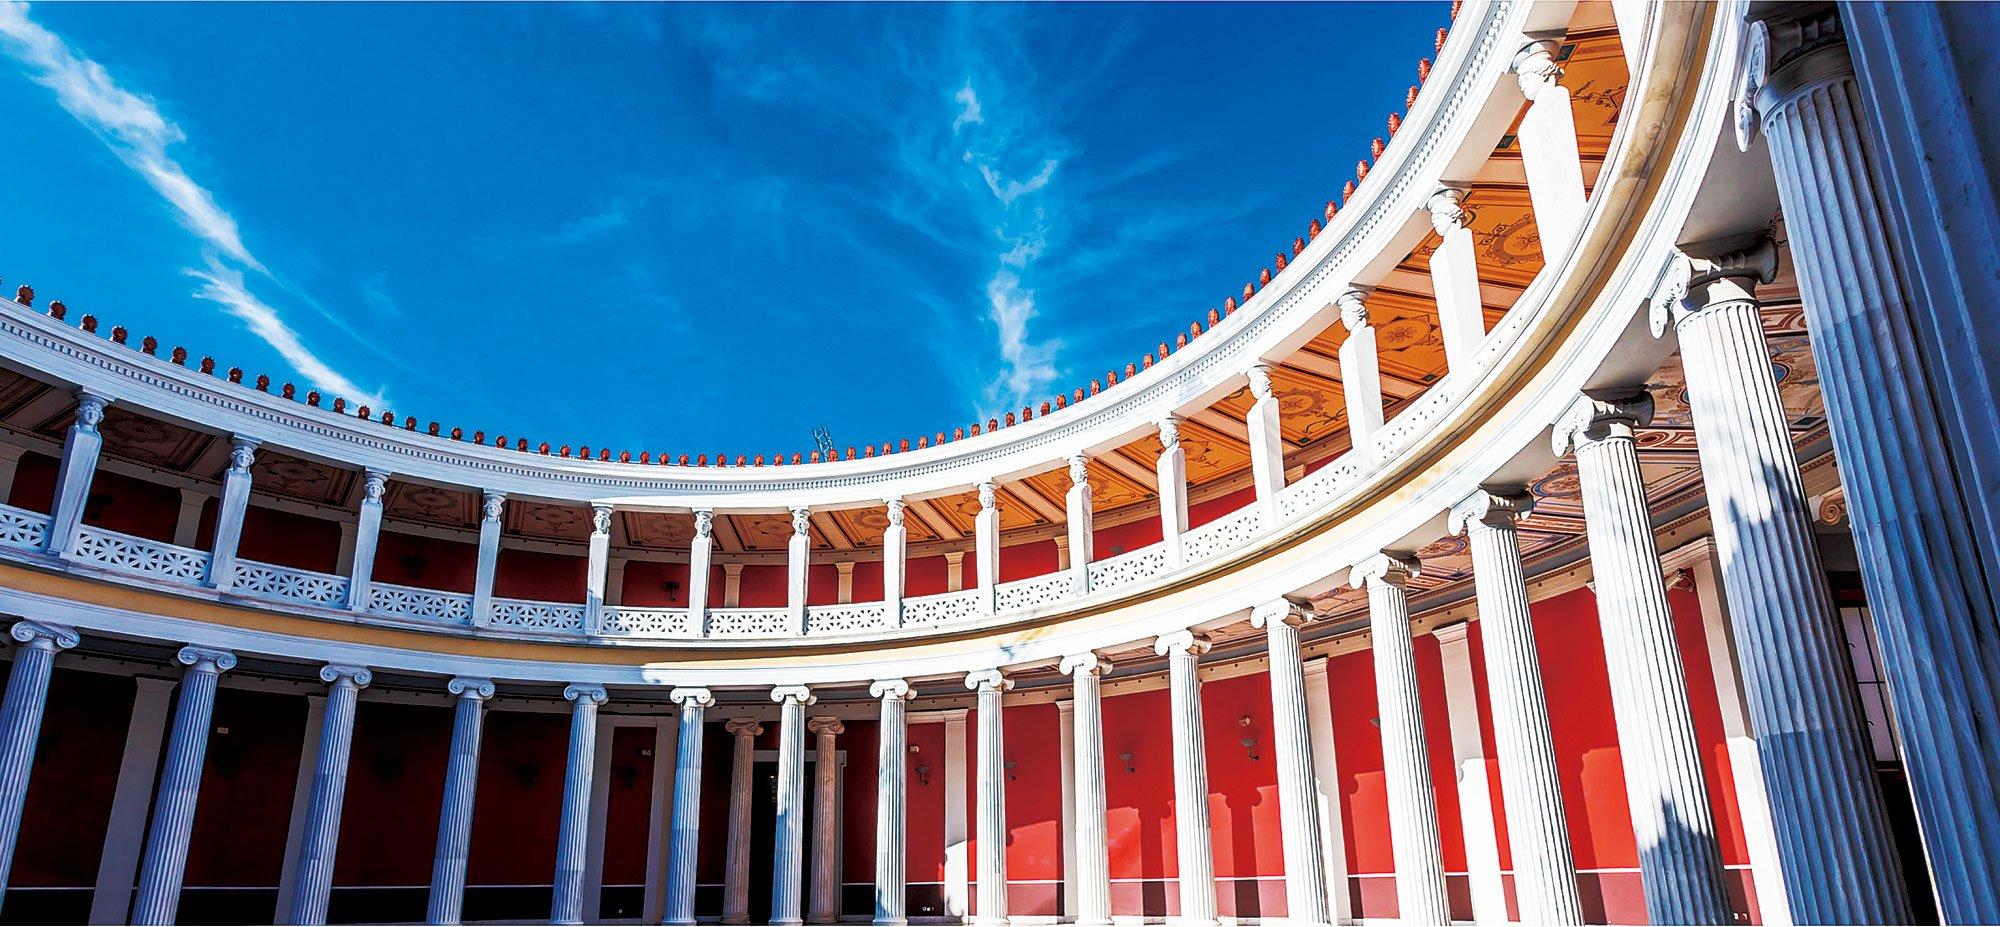 希臘雅典Zappeion內部圓形天井。(Fotolia)